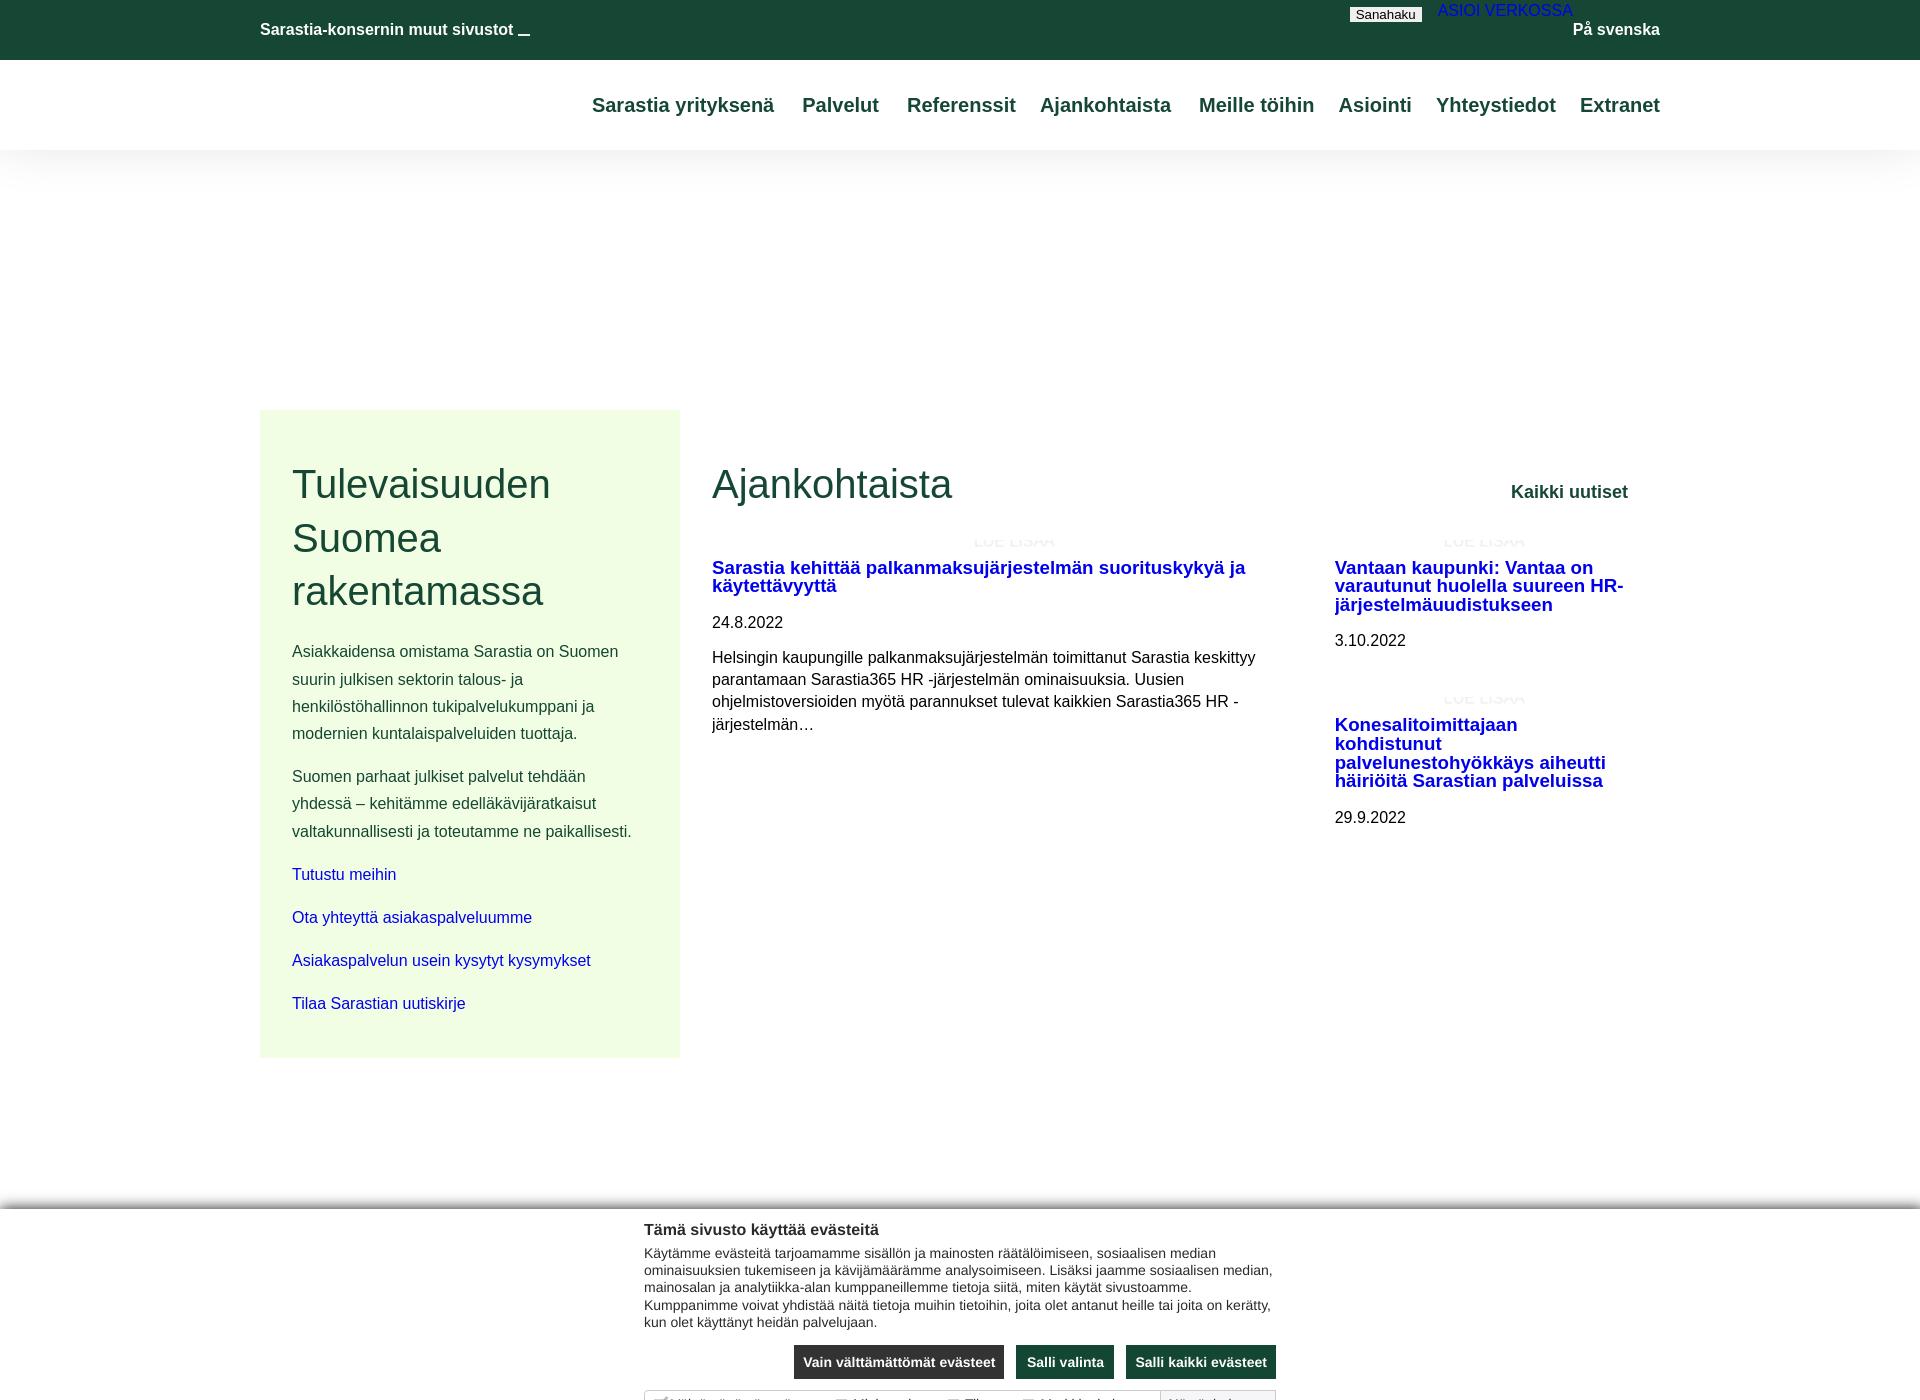 Screenshot for sarastia.fi